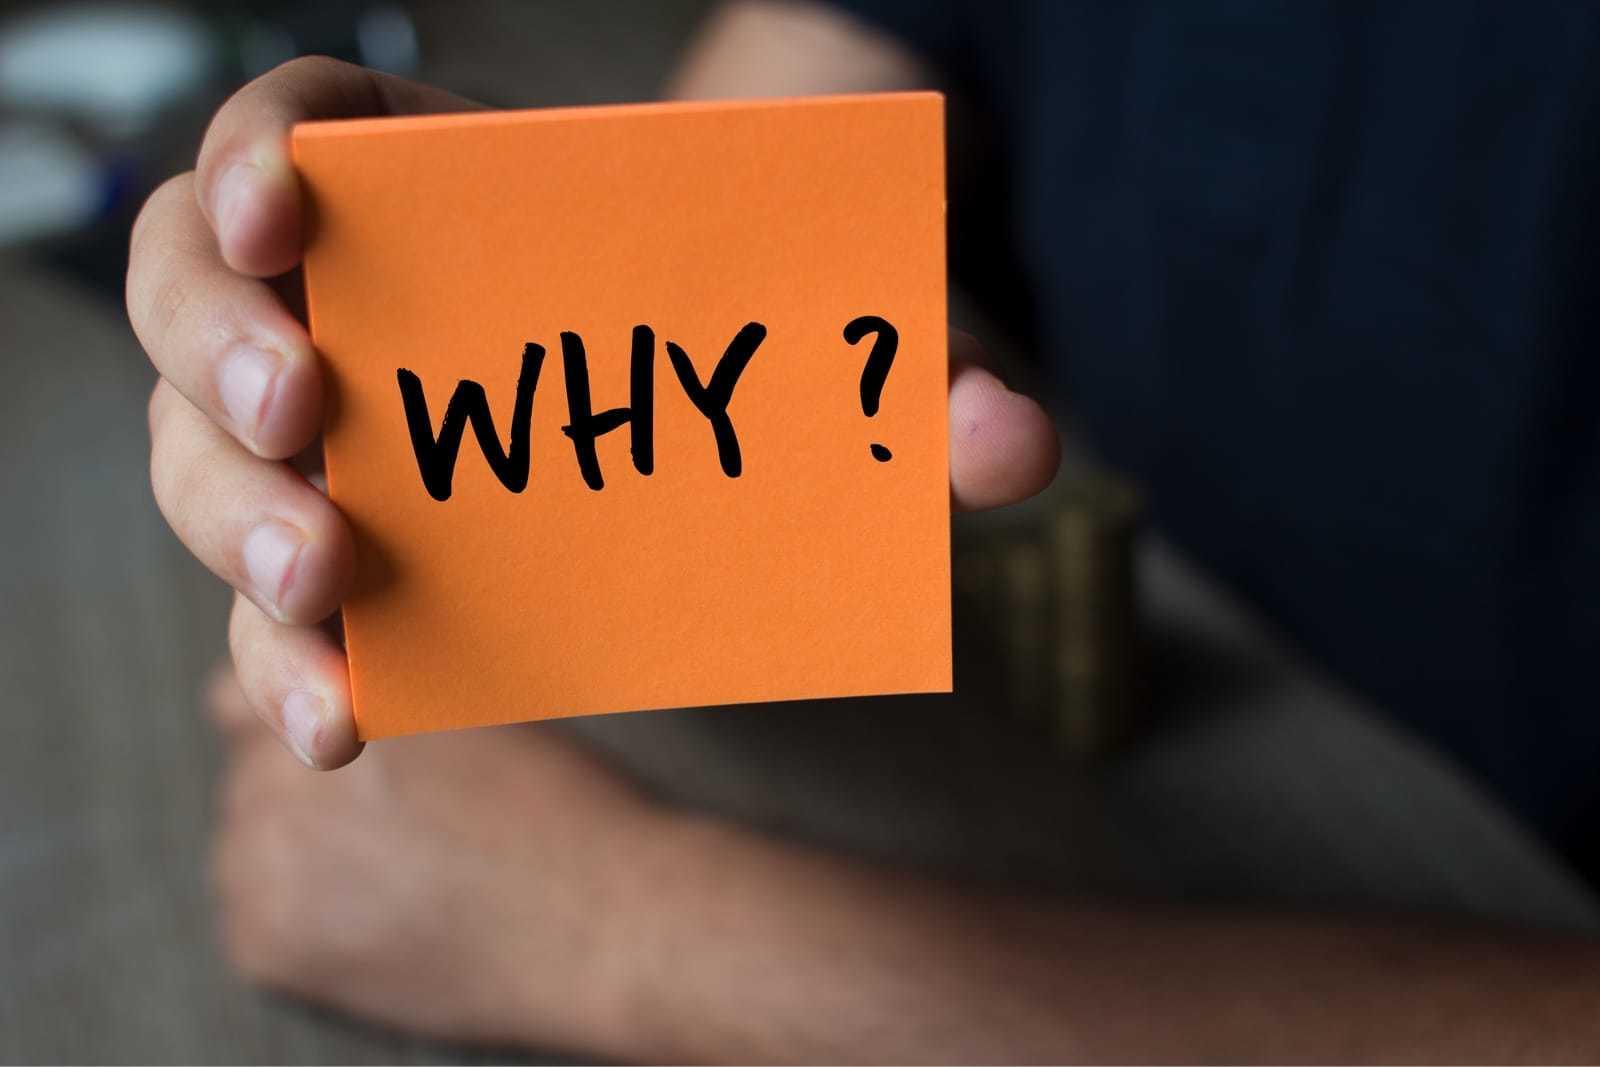 「Why」と書かれた紙を手にする女性